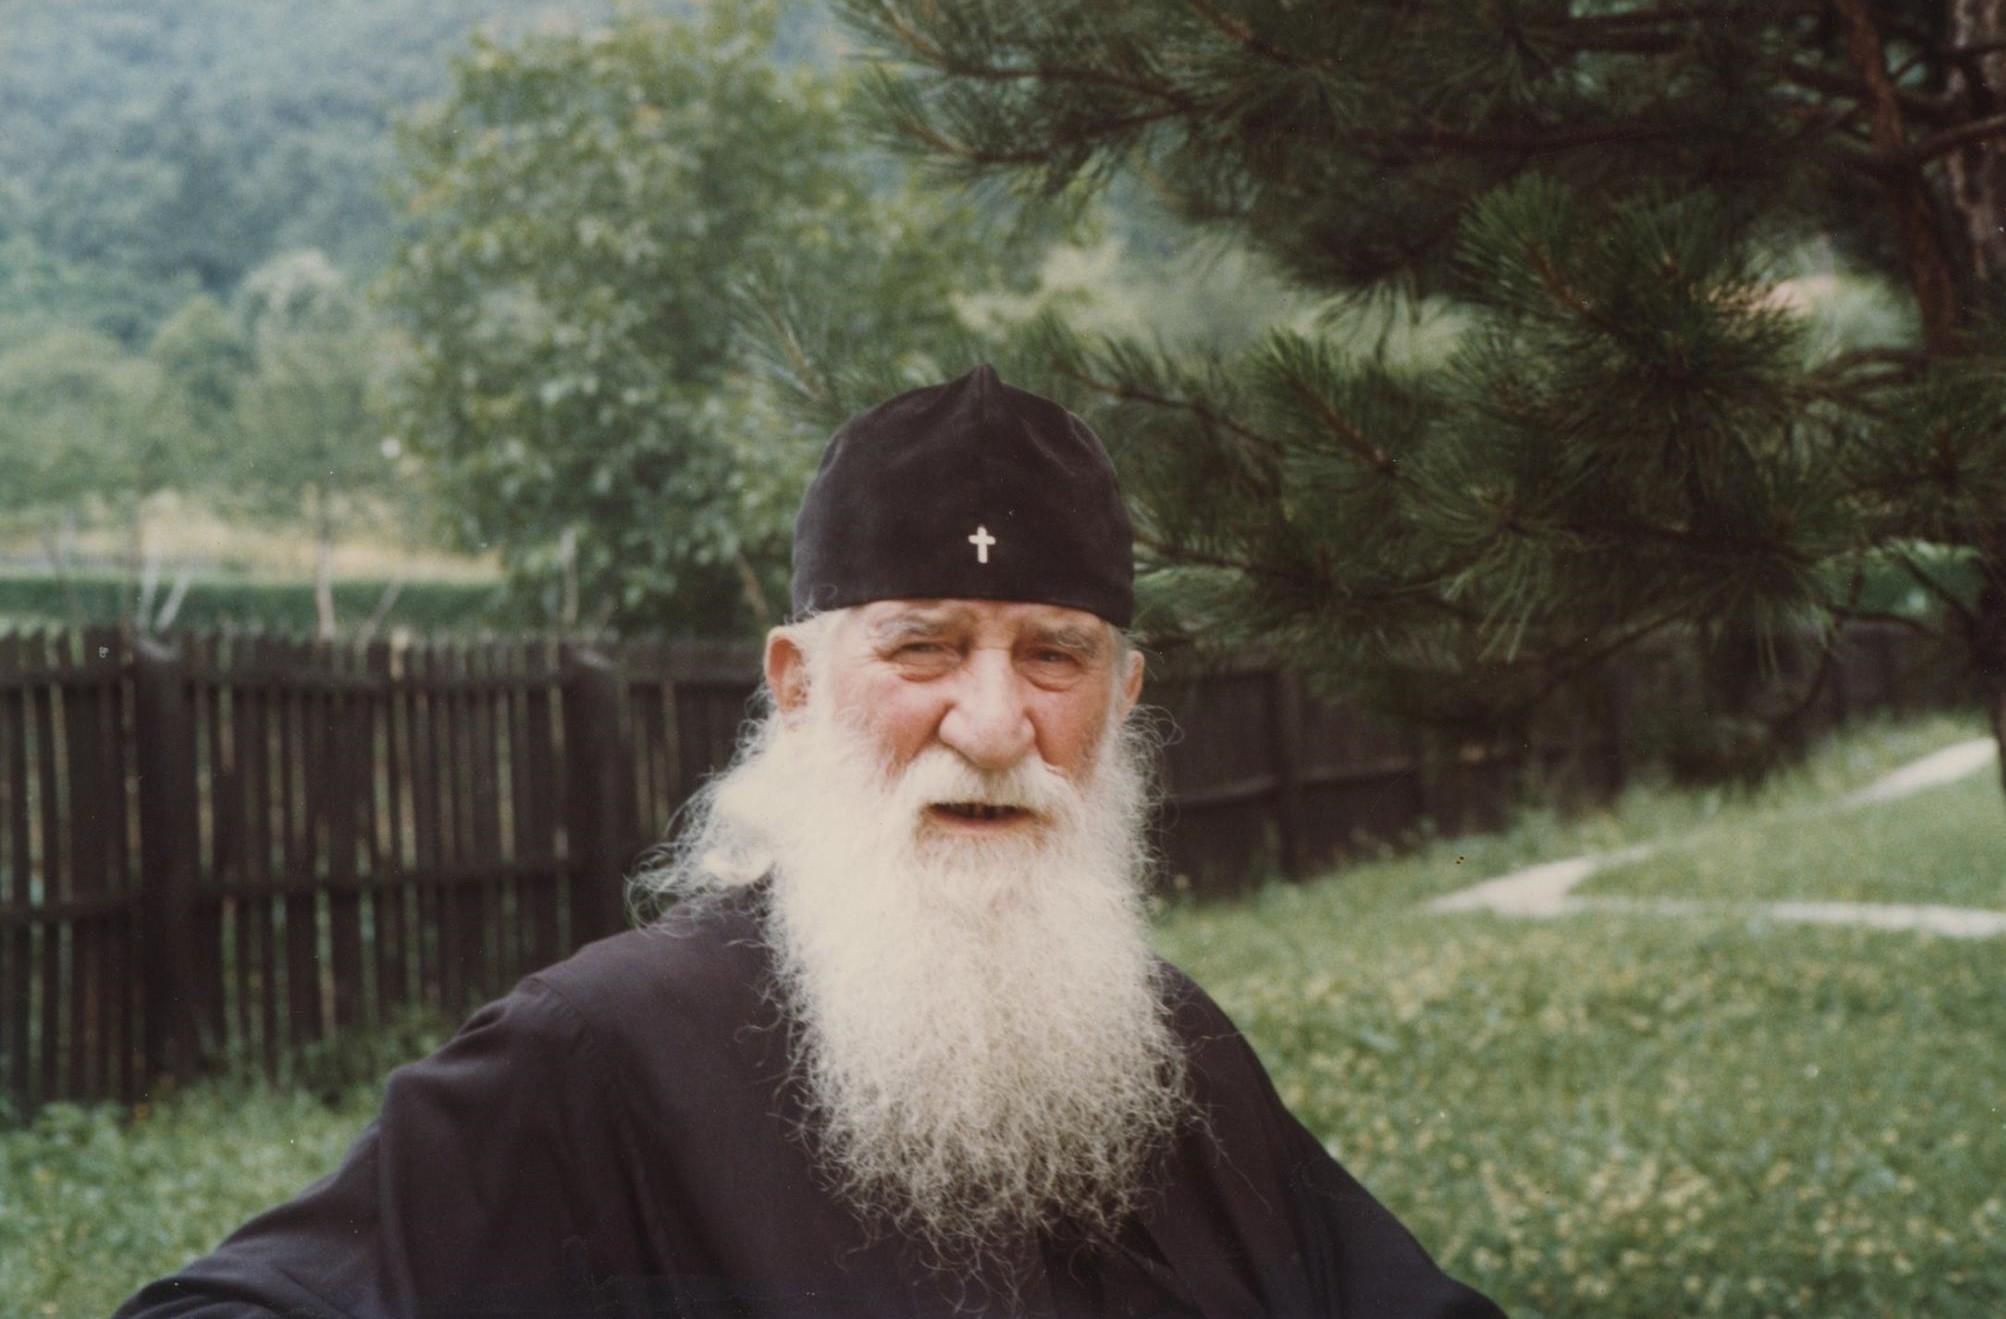 Αγ. Ιουστίνος Πόποβιτς: Ο Σύγχρονος Μεγάλος Πατέρας και Διδάσκαλος της  Εκκλησίας - Ενωμένη Ρωμηοσύνη